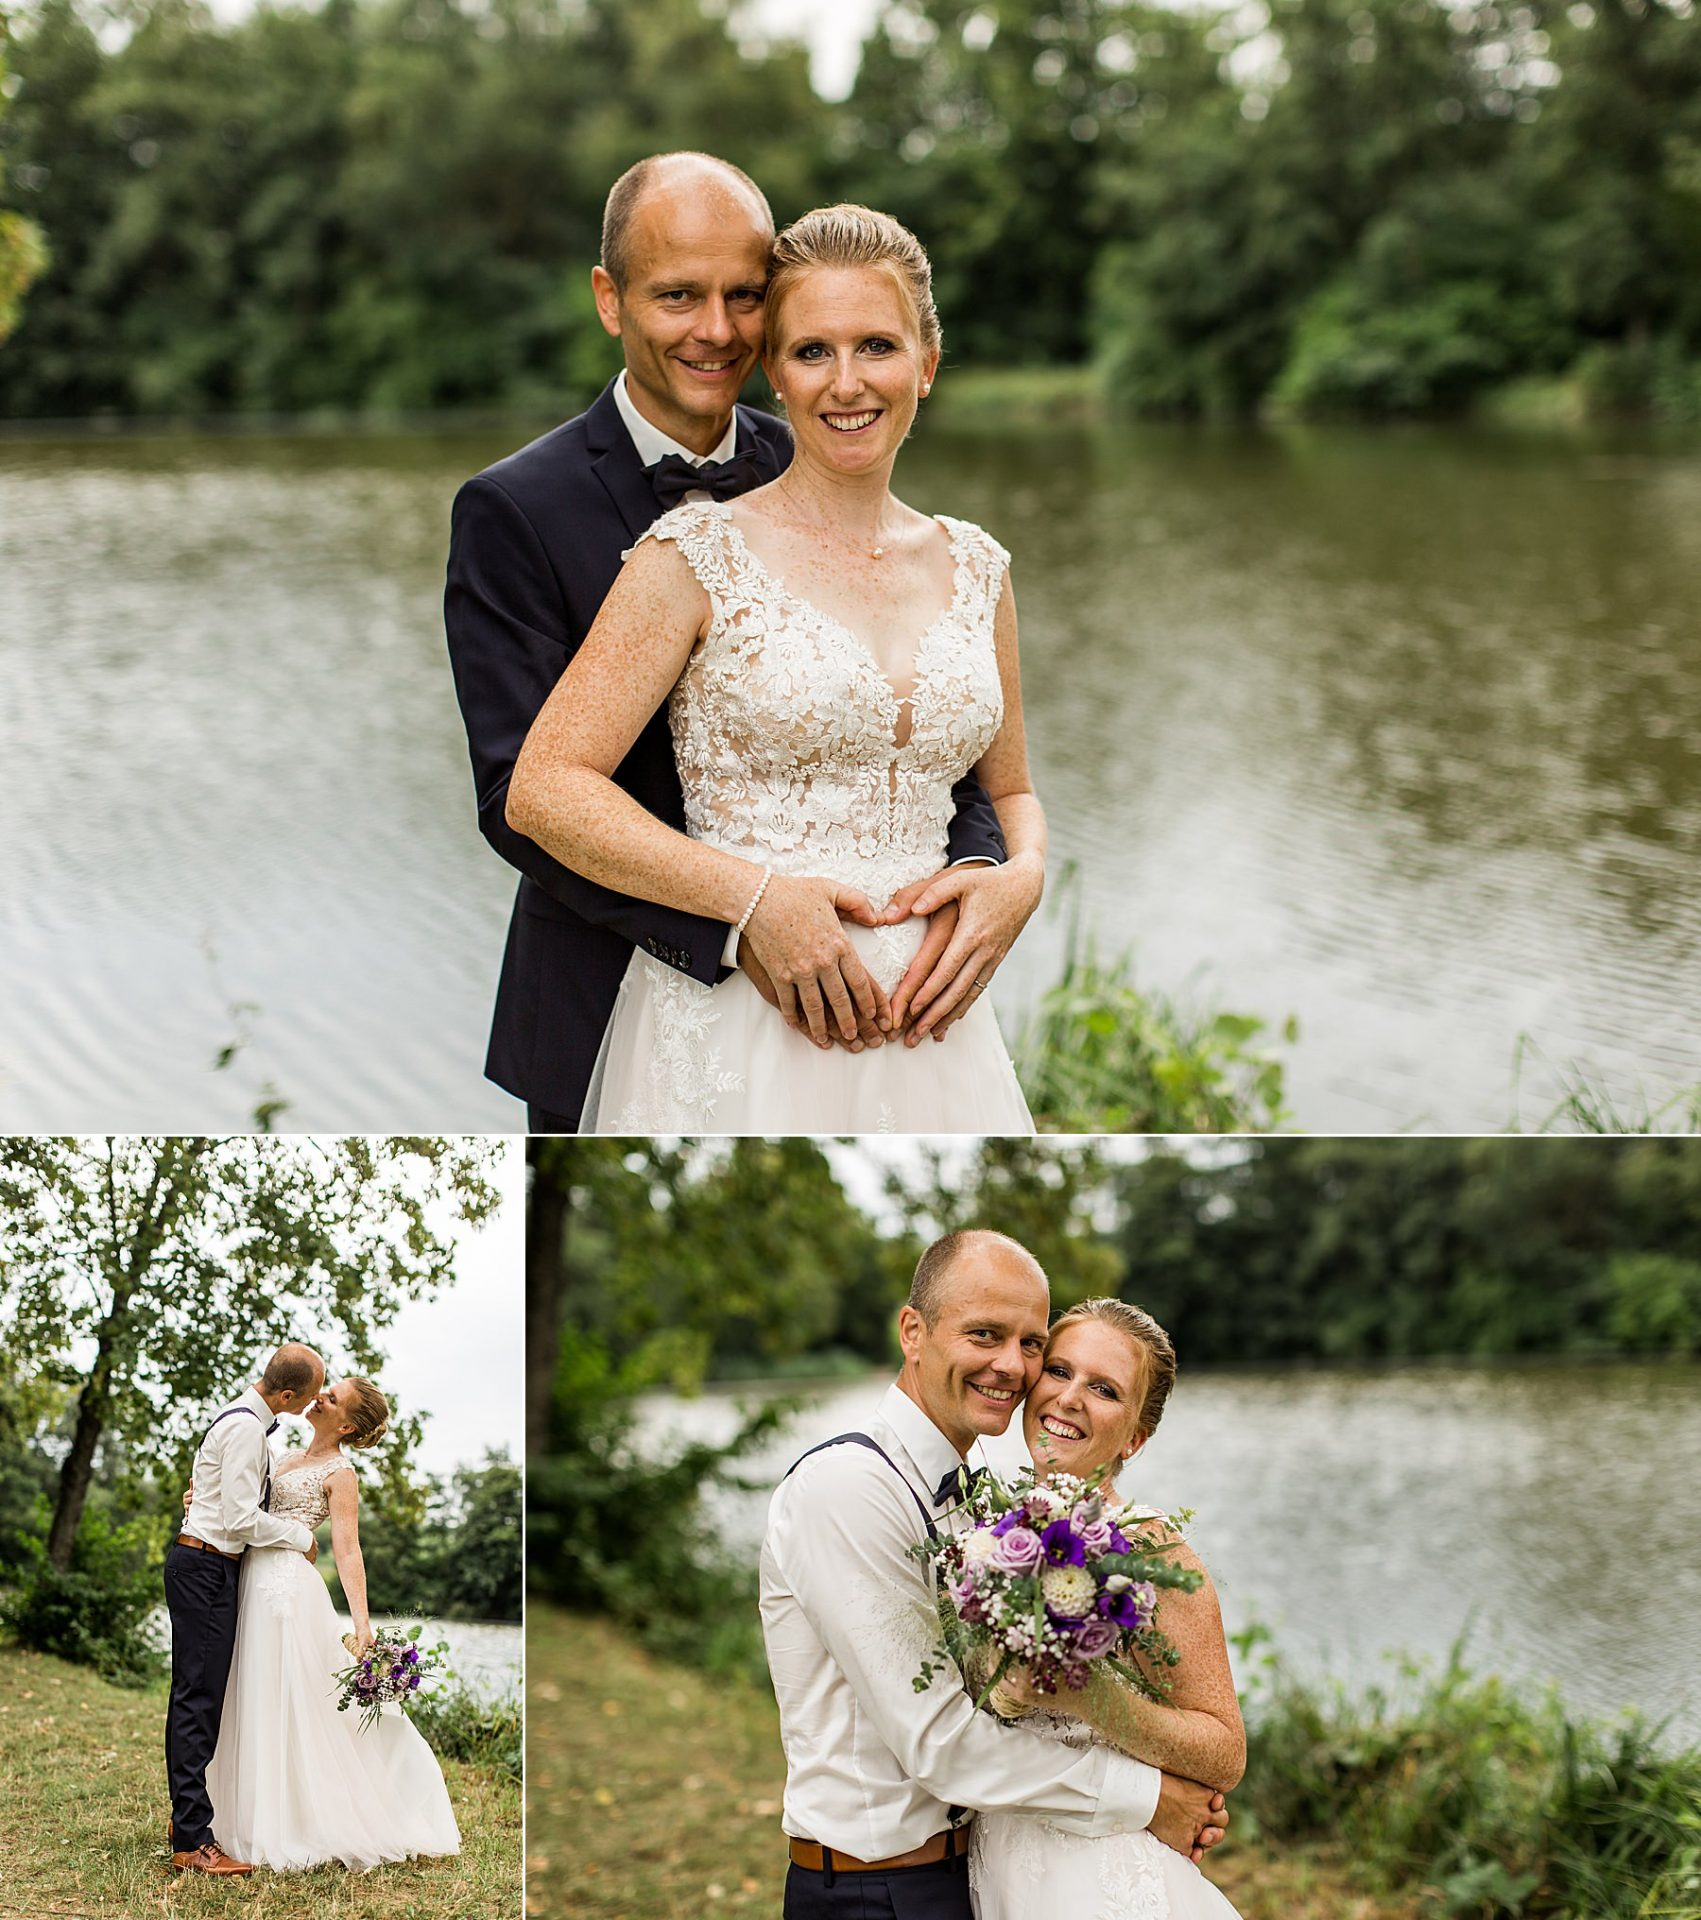 Brautpaarshooting mit Babybauch in Heilbronn im Sommer